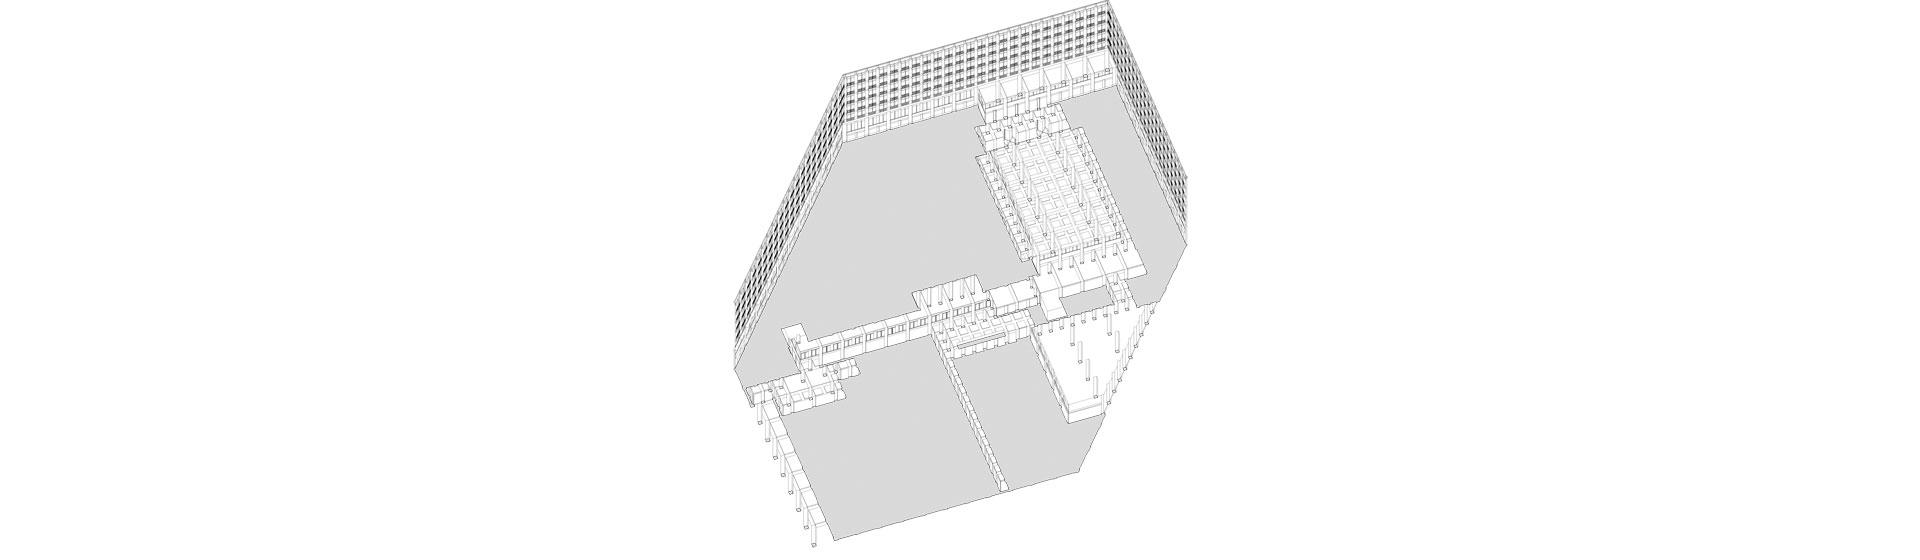 A13_BMI4